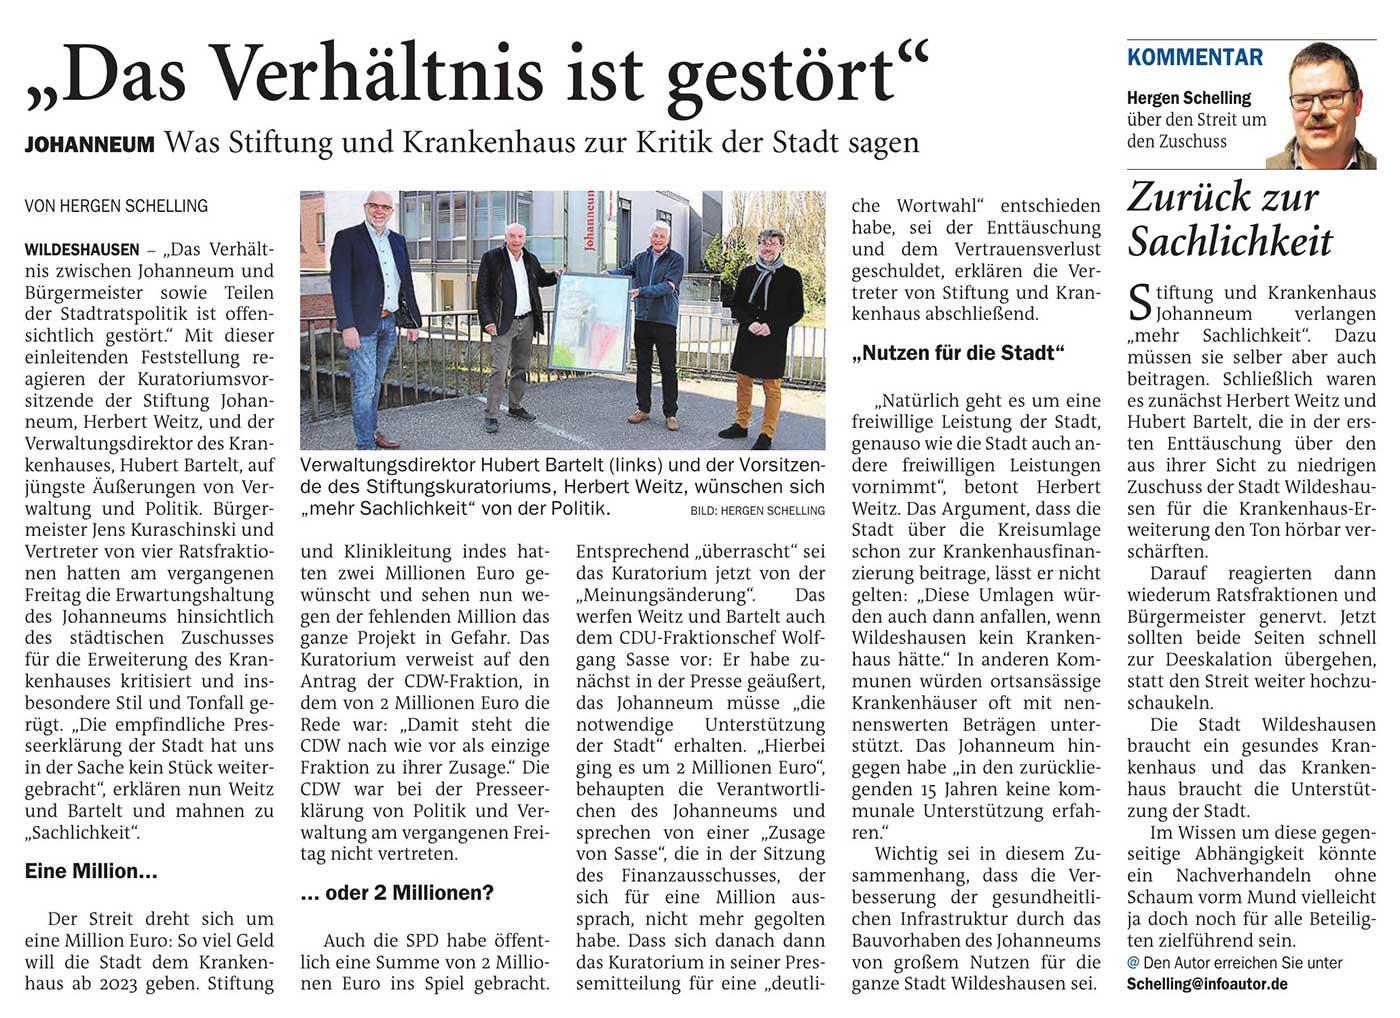 'Das Verhältnis ist gestört'Johanneum: Was Stiftung und Krankenhaus zur Kritik der Stadt sagen // Kommentar: Zurück zur SachlichkeitArtikel vom 13.07.2021 (NWZ)